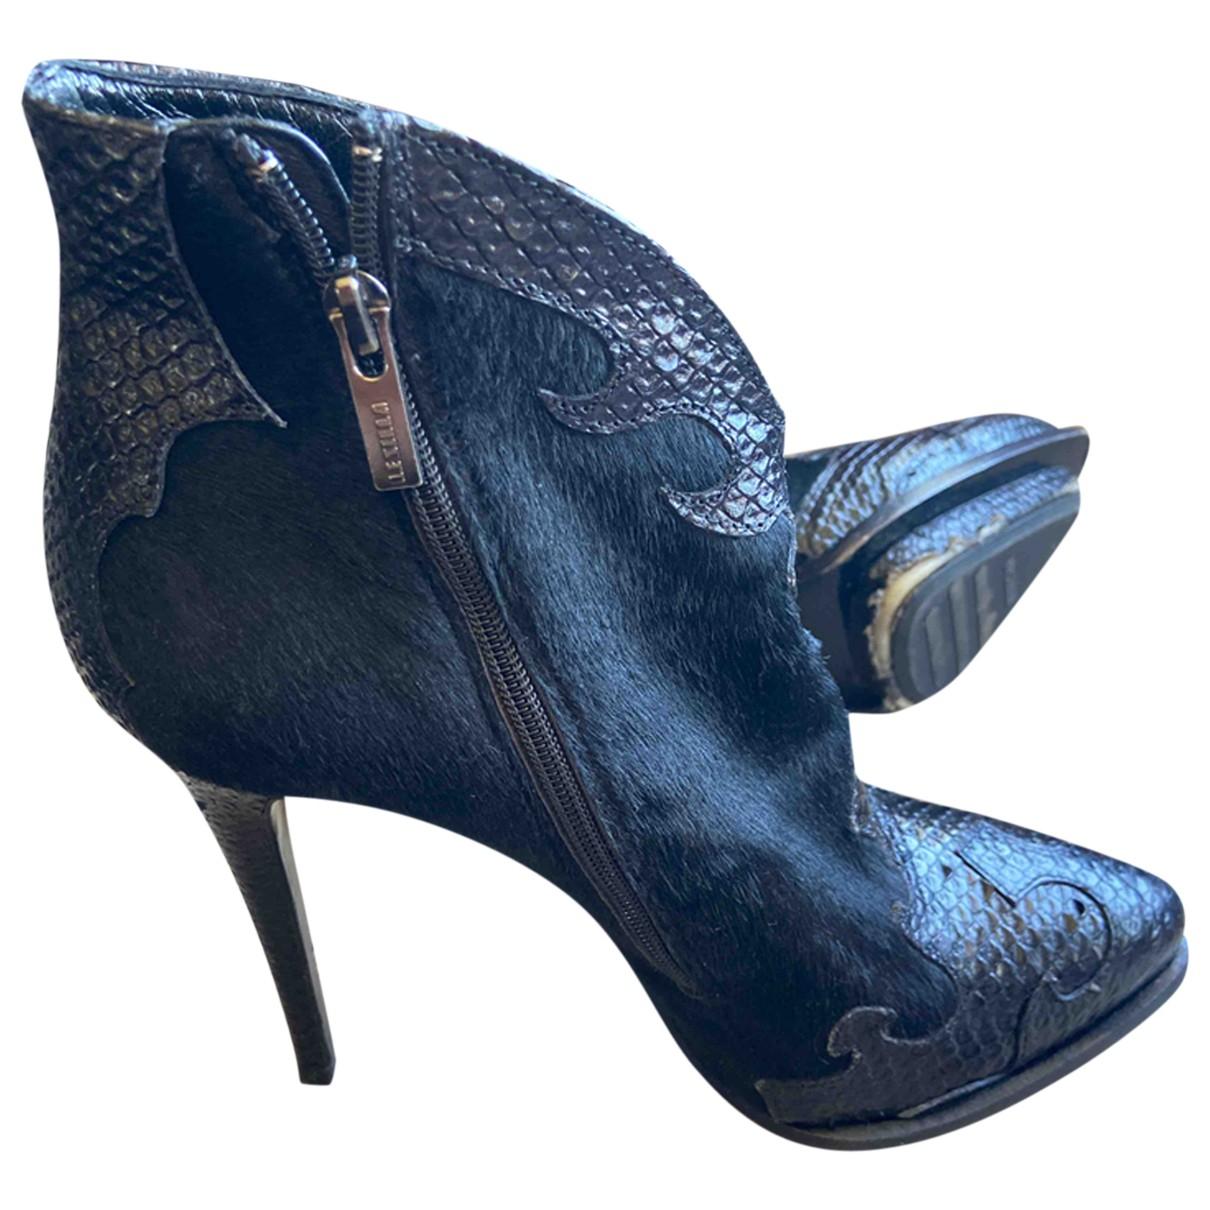 Le Silla - Bottes   pour femme en veau facon poulain - noir